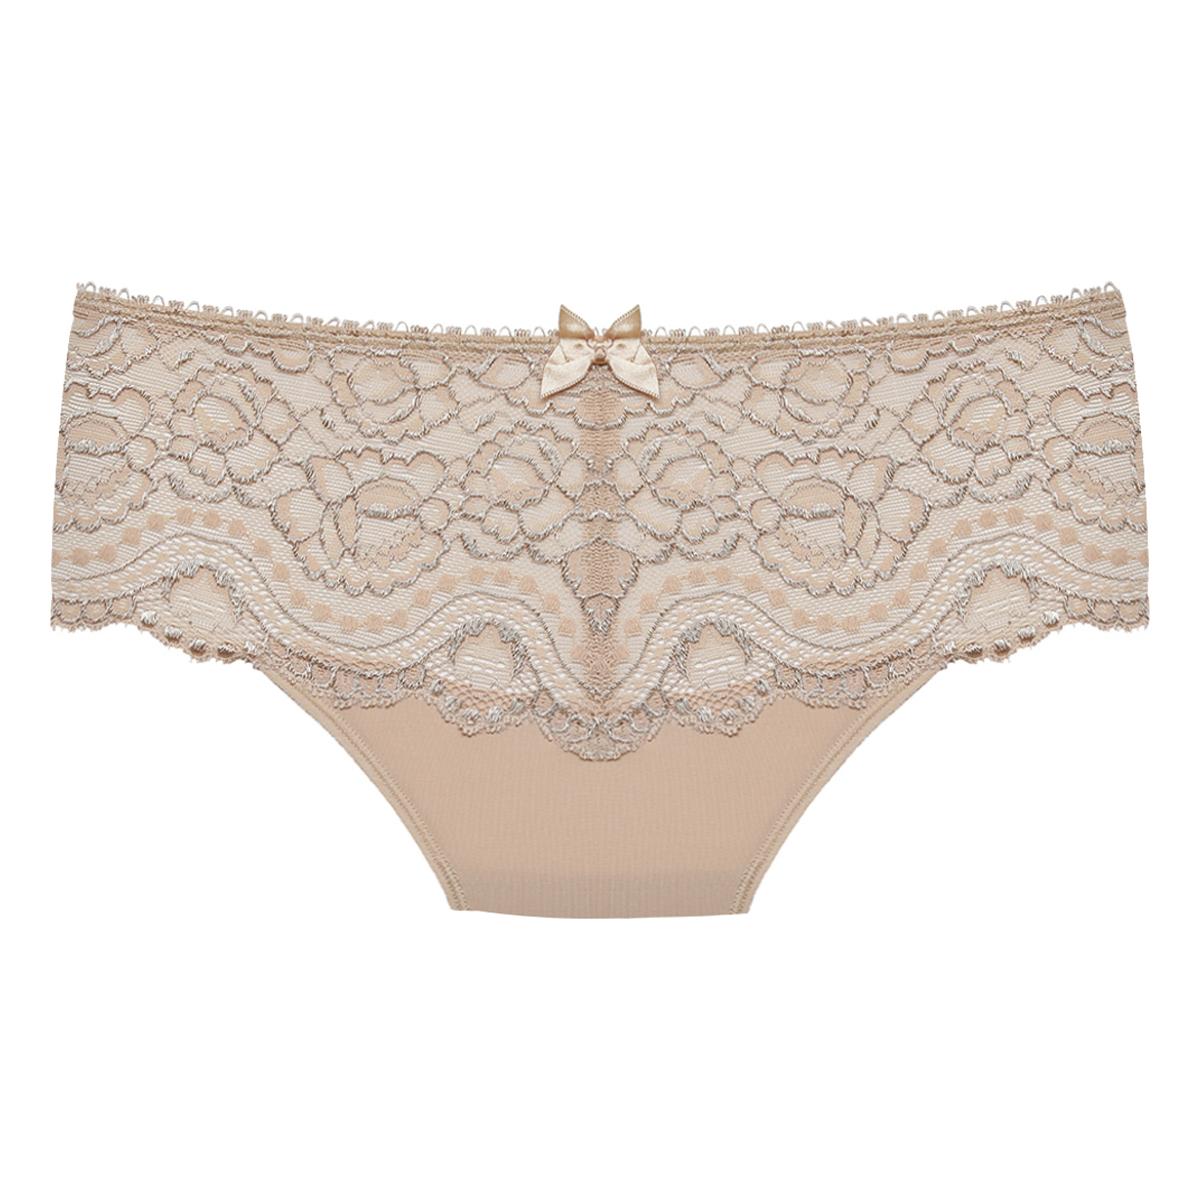 Culotte Midi beige - Flower Elegance, , PLAYTEX